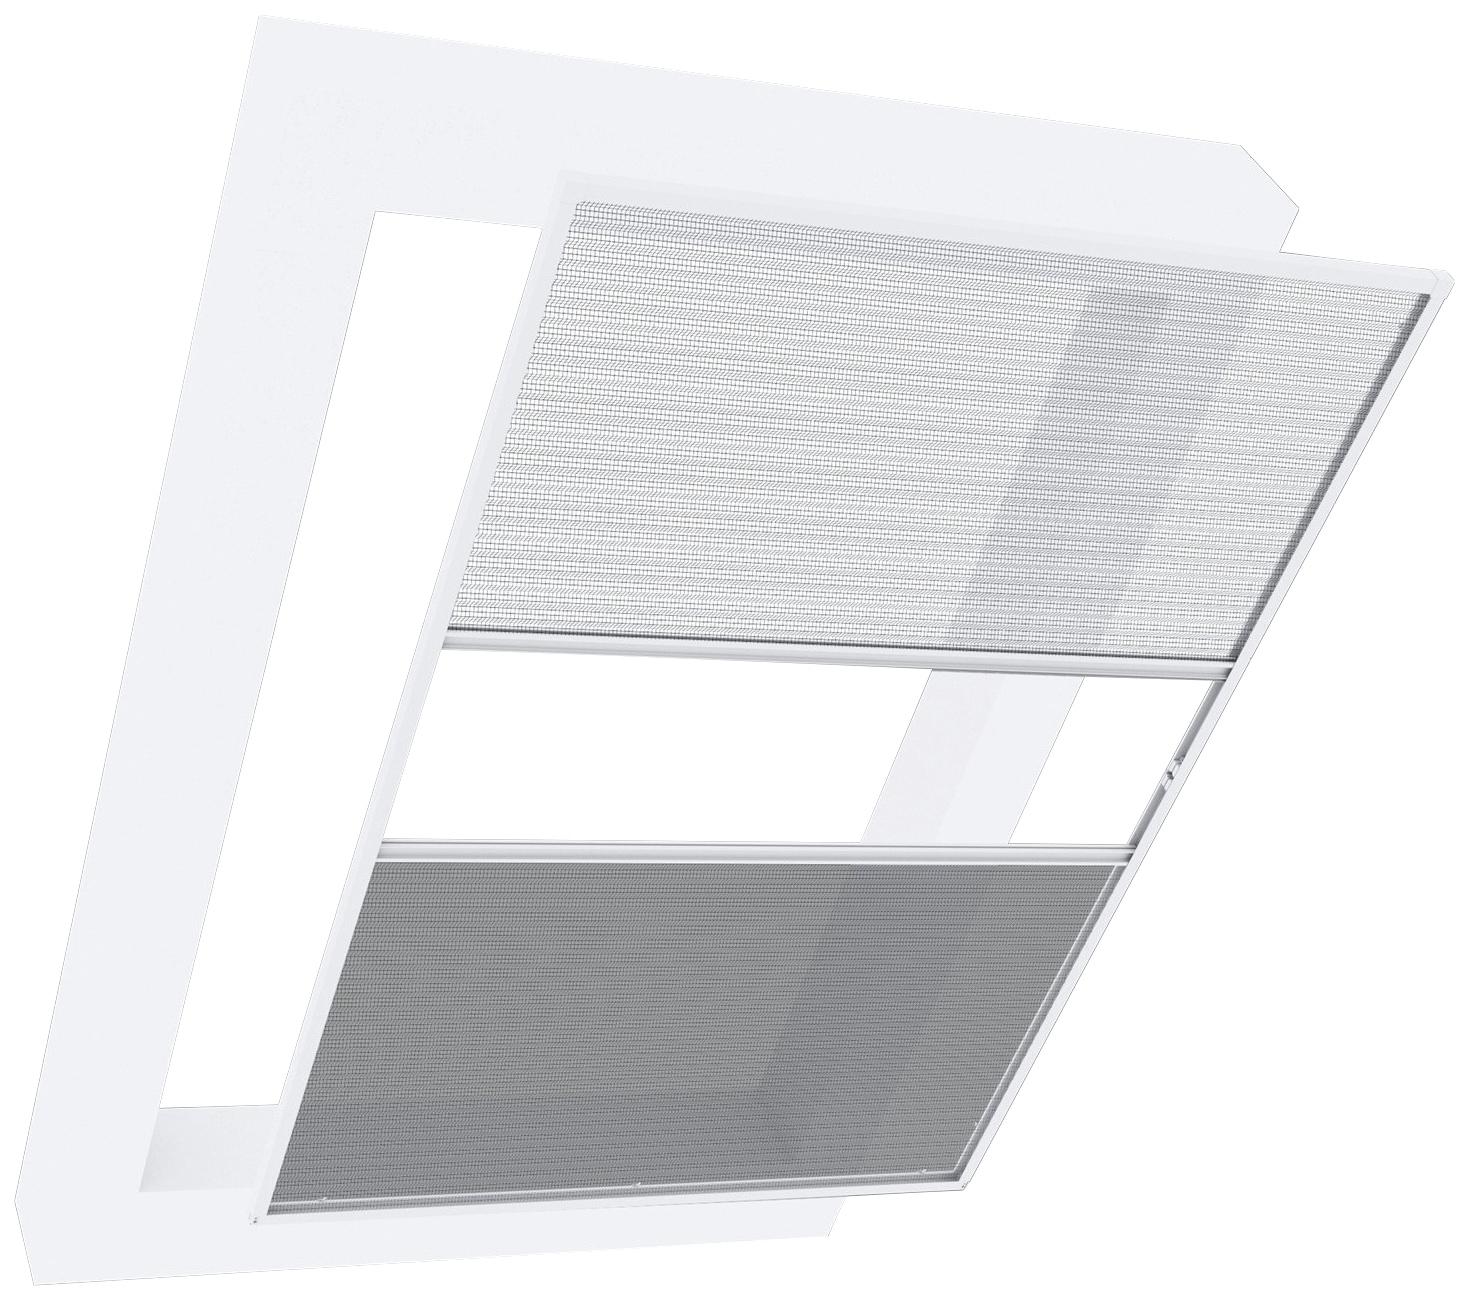 Windhager Insektenschutz-Dachfenster-Rollo Dachfenster 2in1 EXPERT, mit Plissee, BxH: 110x160 cm weiß Insektenschutzfenster Insektenschutz Bauen Renovieren